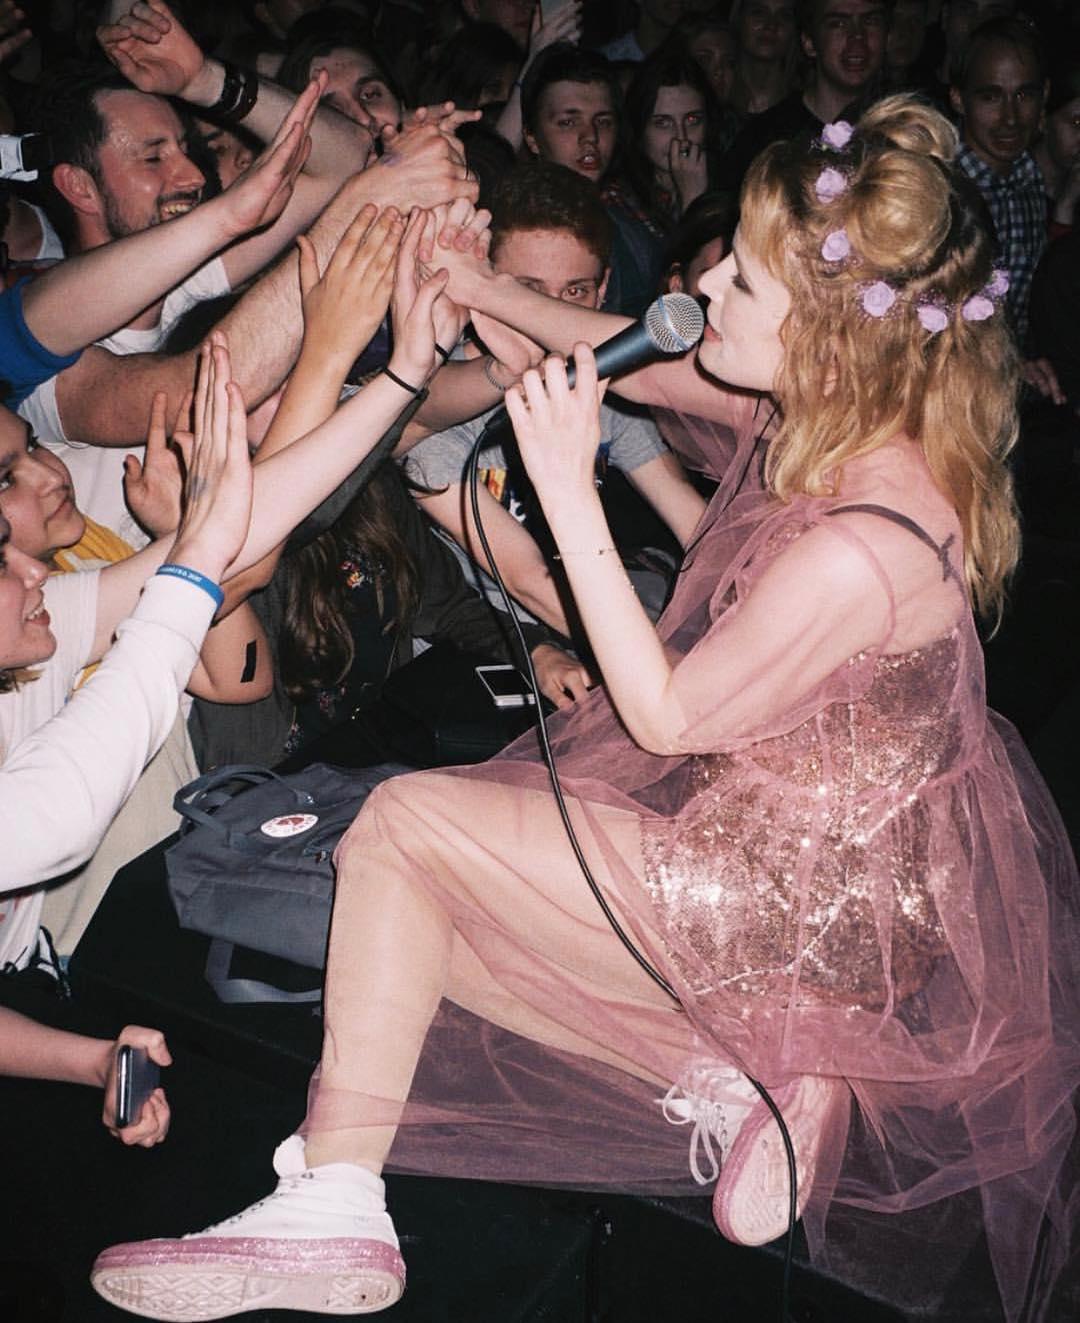 Топ-10 артистов, которых теперь нельзя слушать на дискотеках в детских лагерях